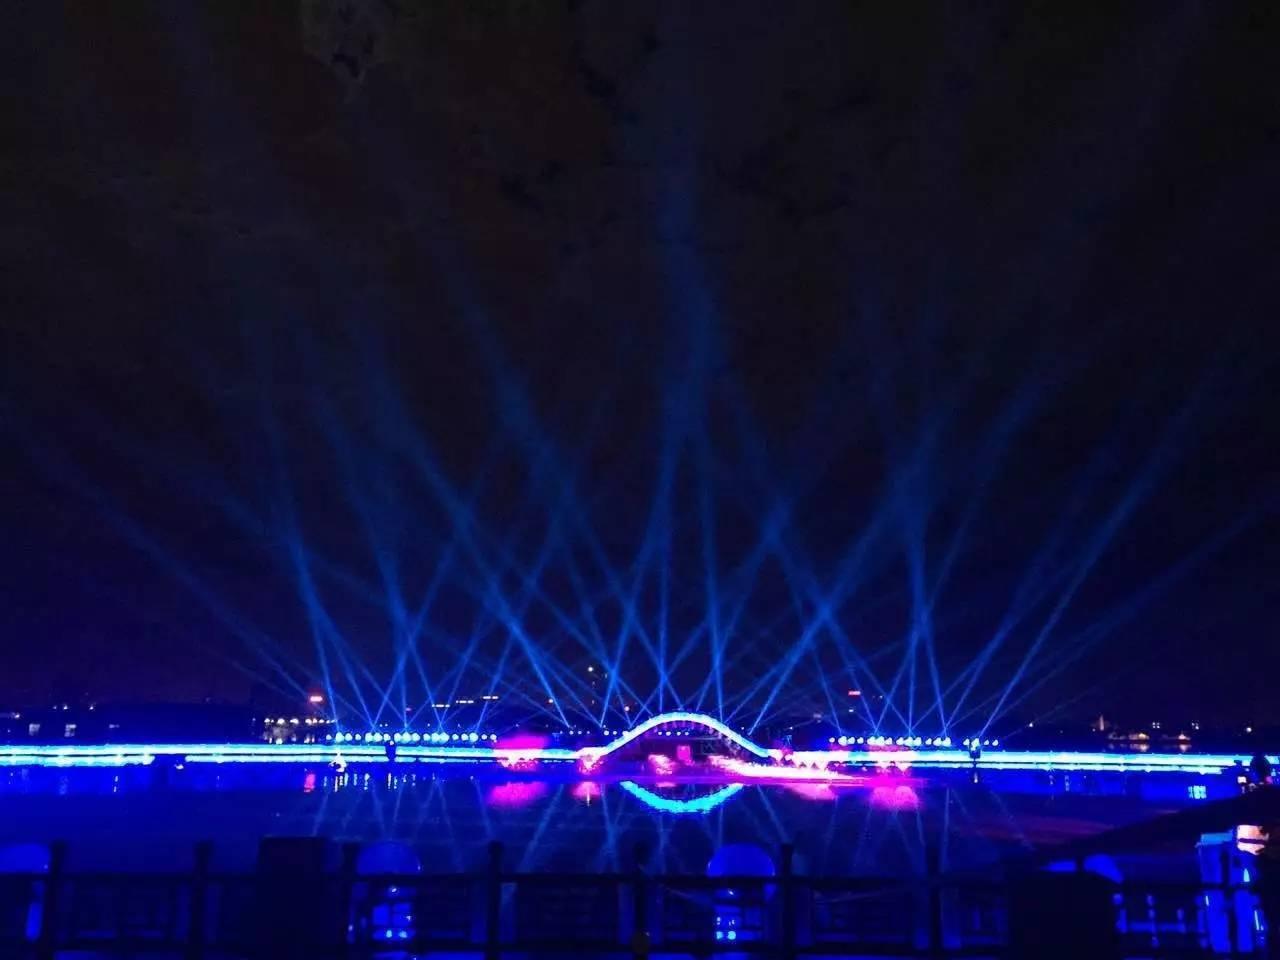 浩洋电子旗下自主研发特宝丽品牌600多台高质量专业舞台灯具精彩亮相